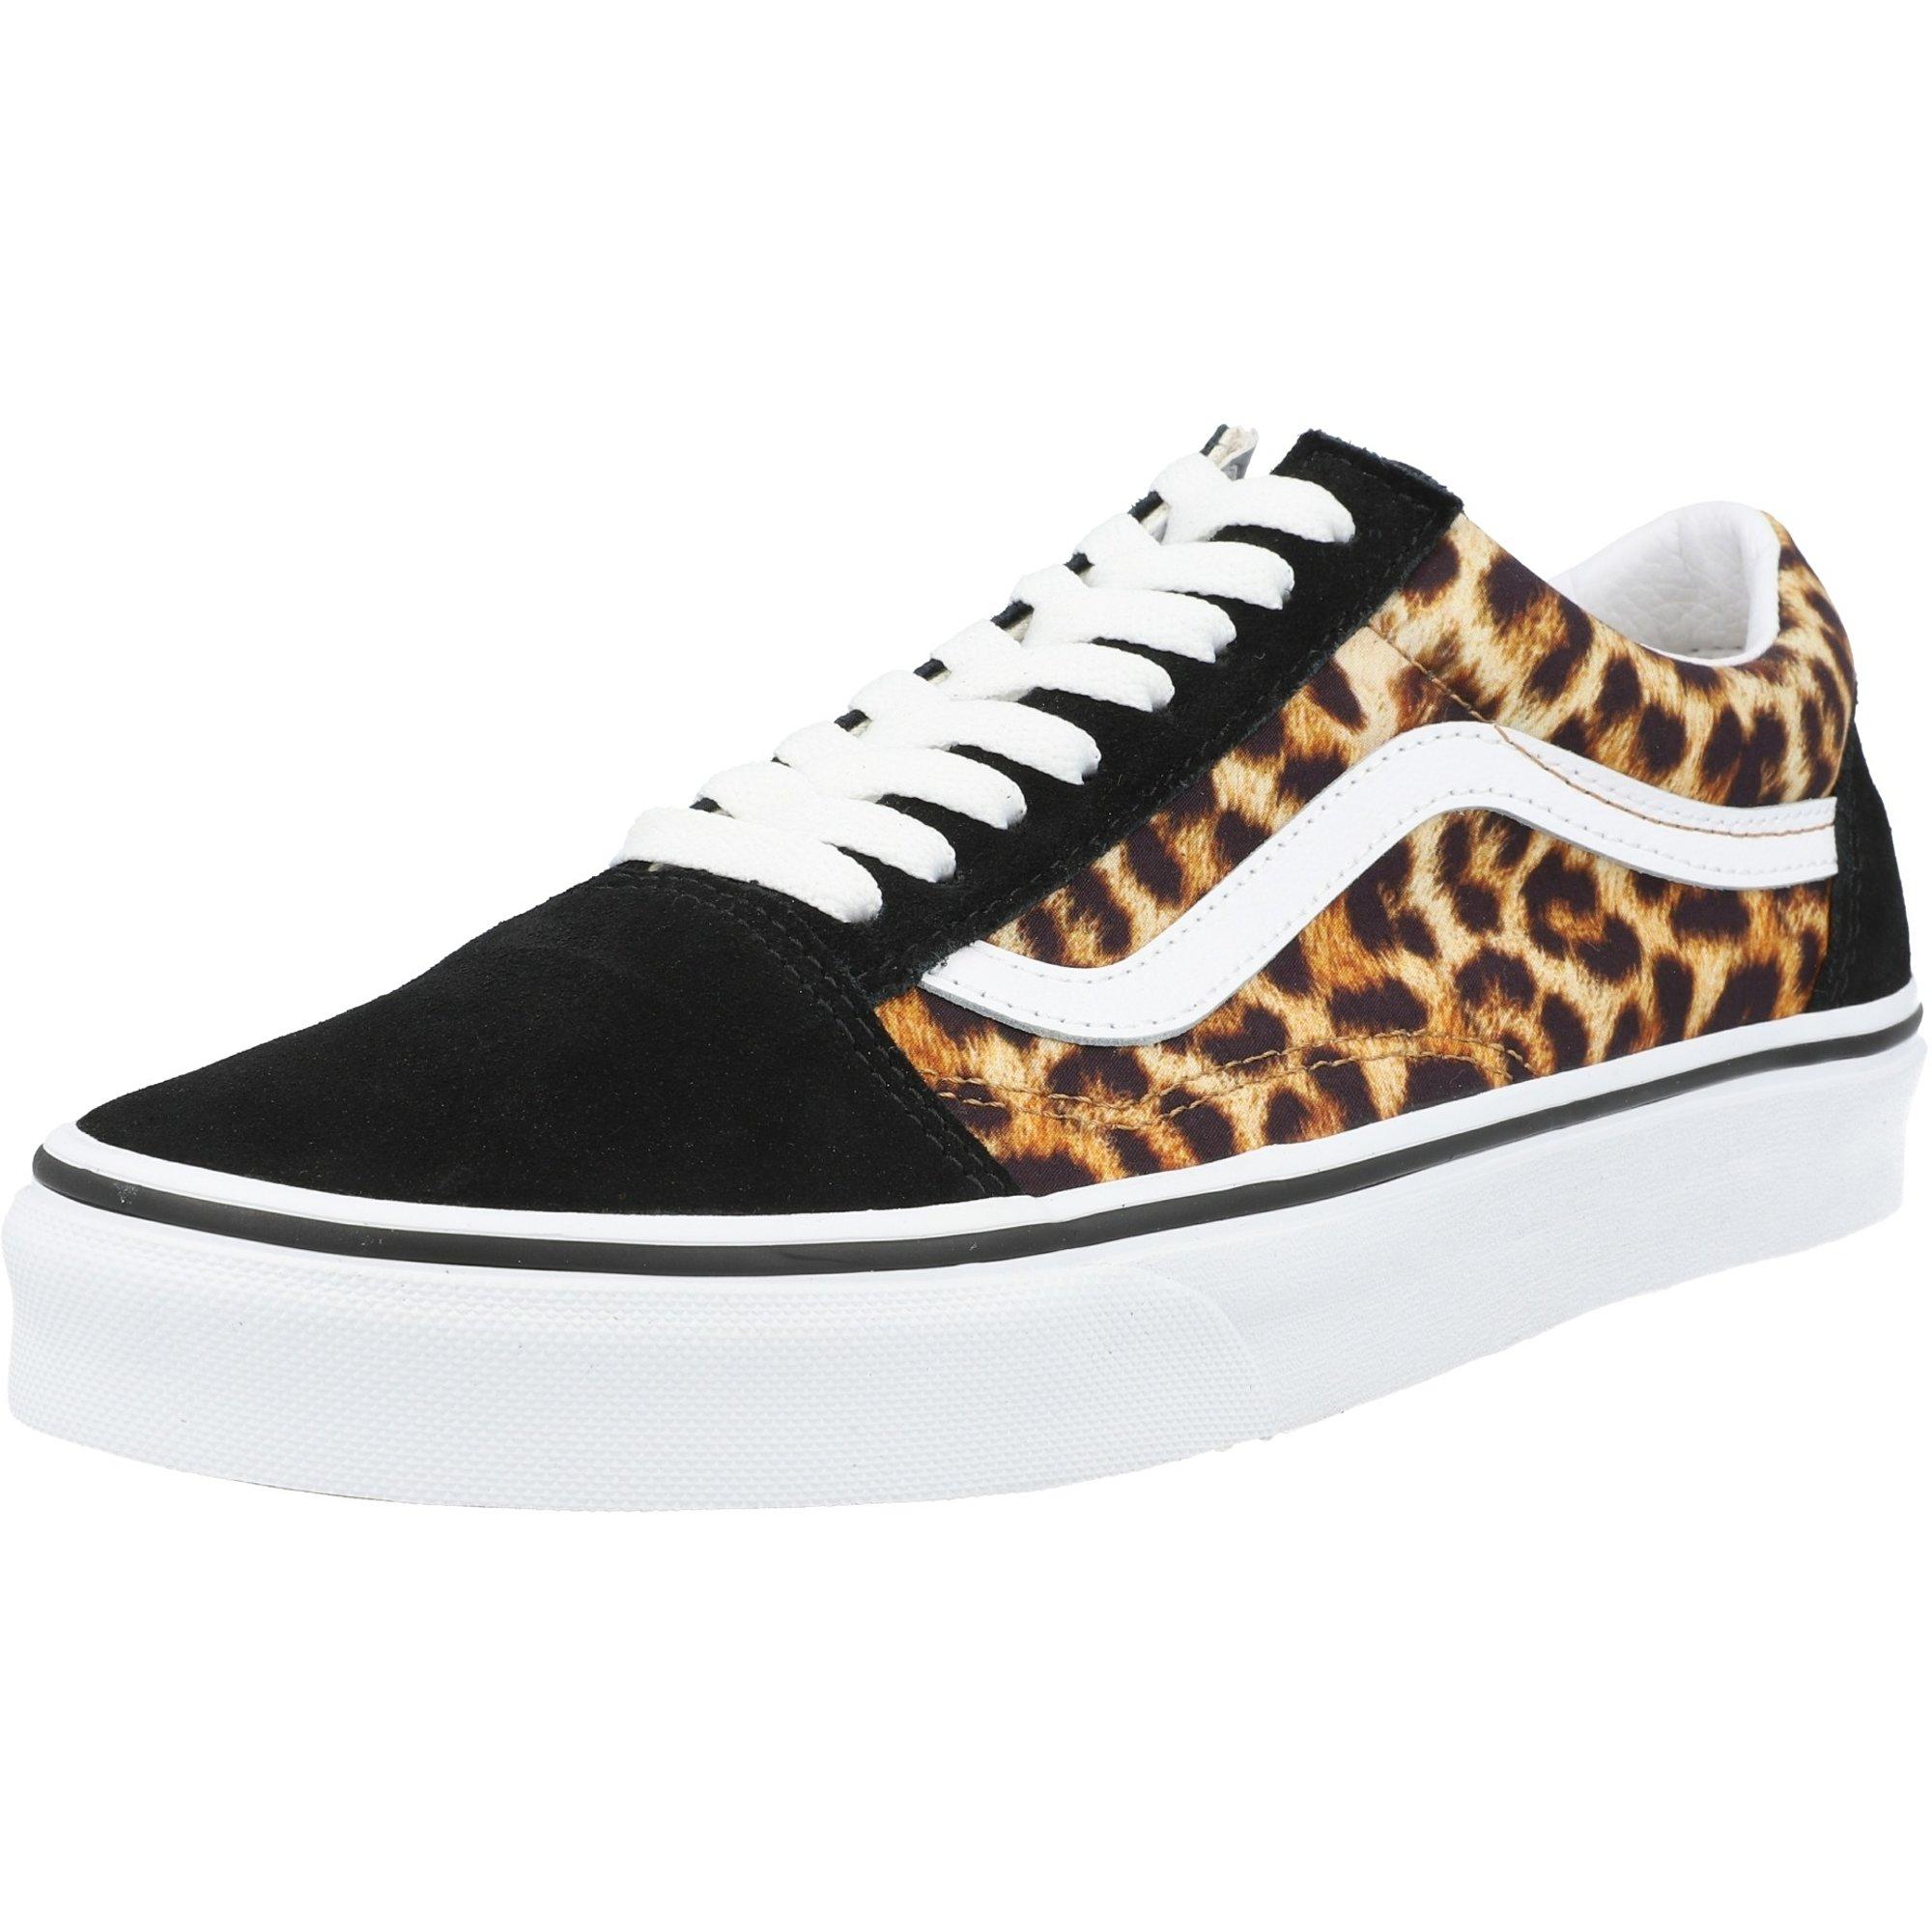 Vans UA Old Skool Black Leopard/True White Suede